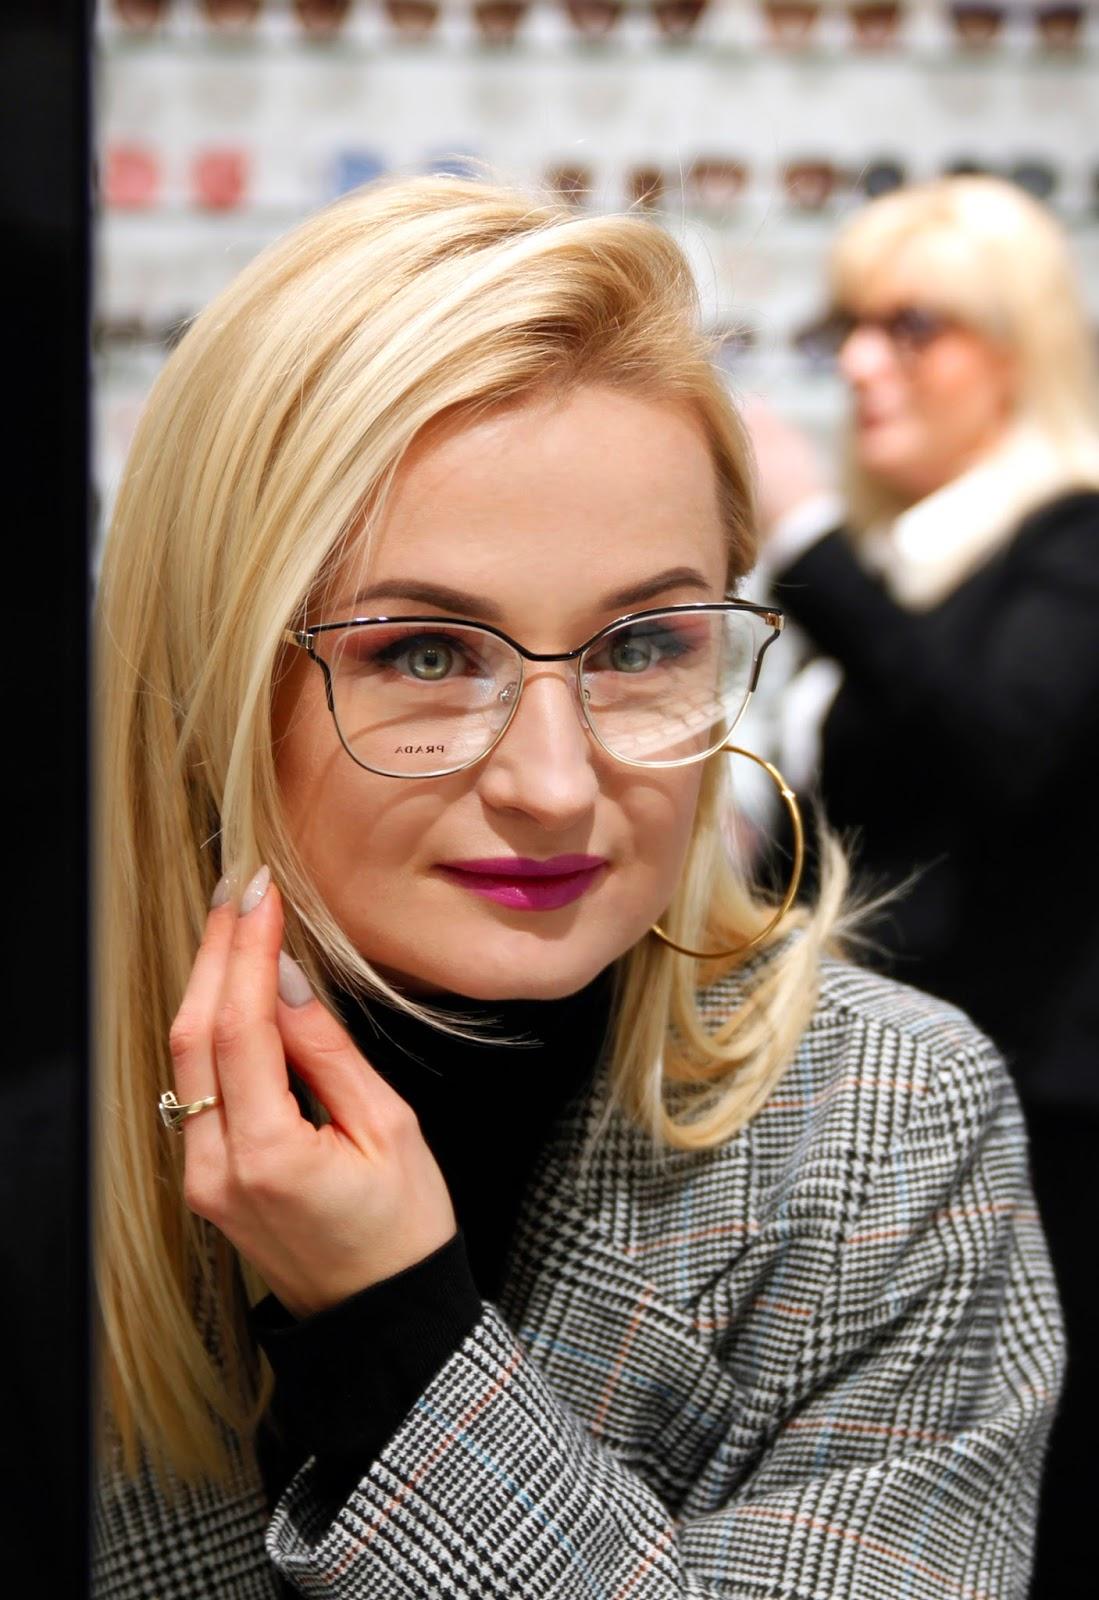 Designerskie Okulary - czyli prawdziwy Must Have